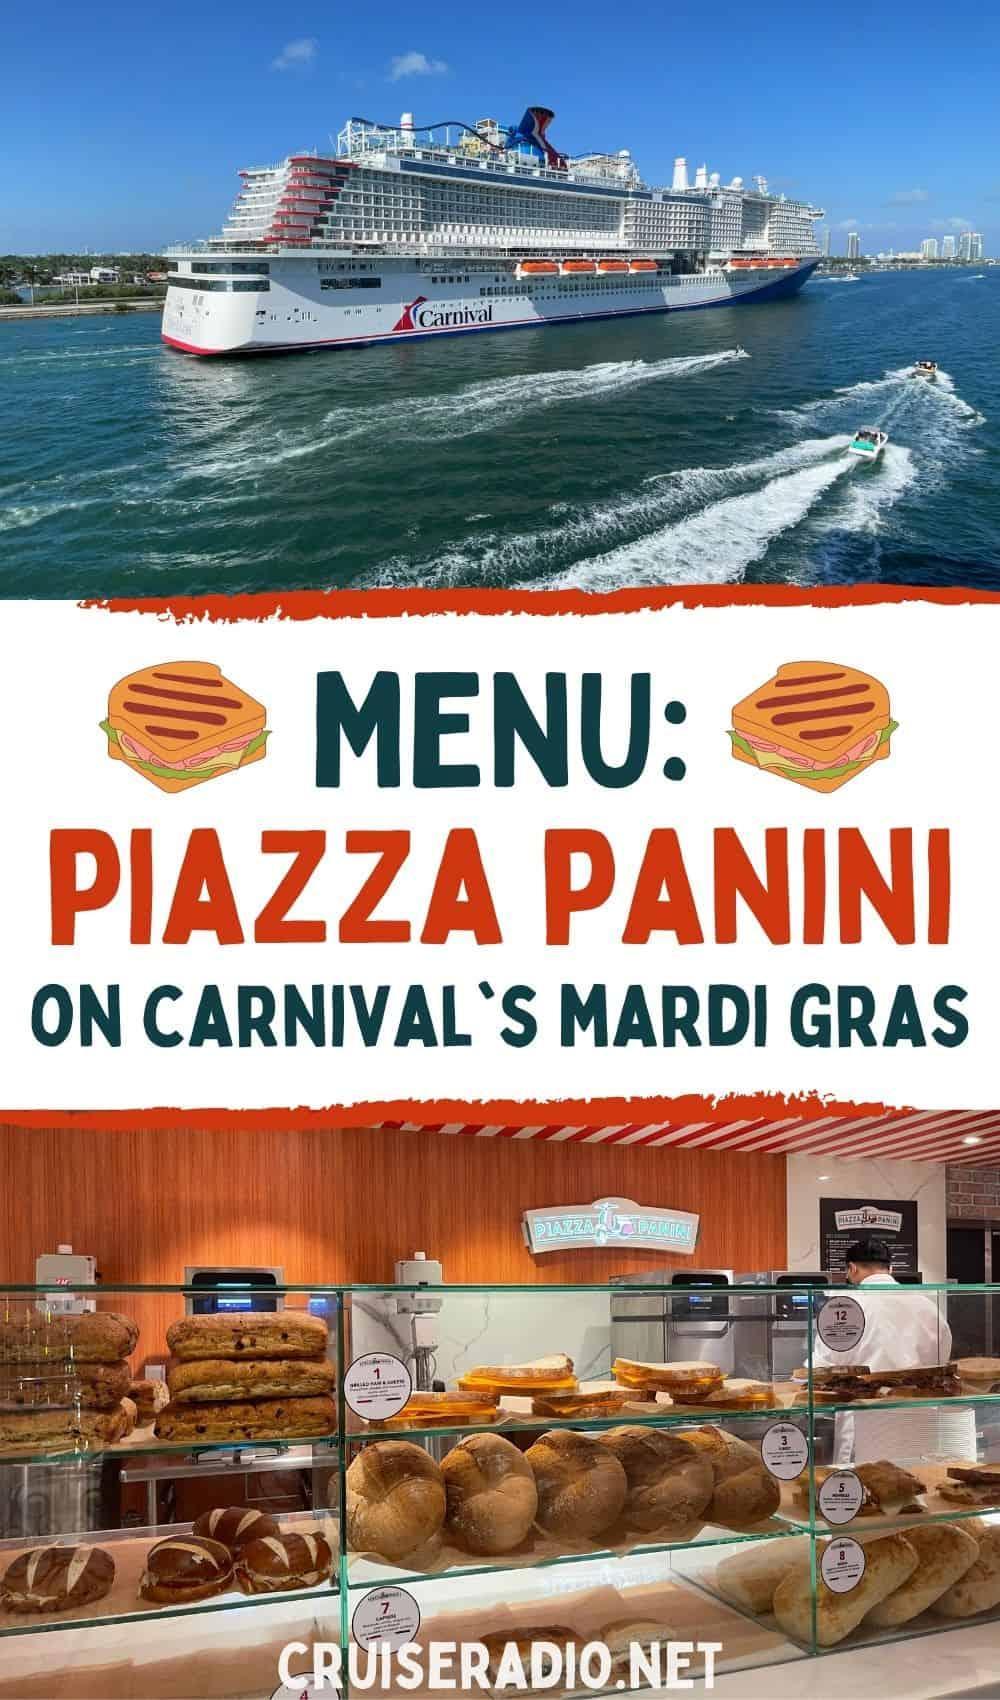 menu: piazza panini on carnival cruise line mardi gras